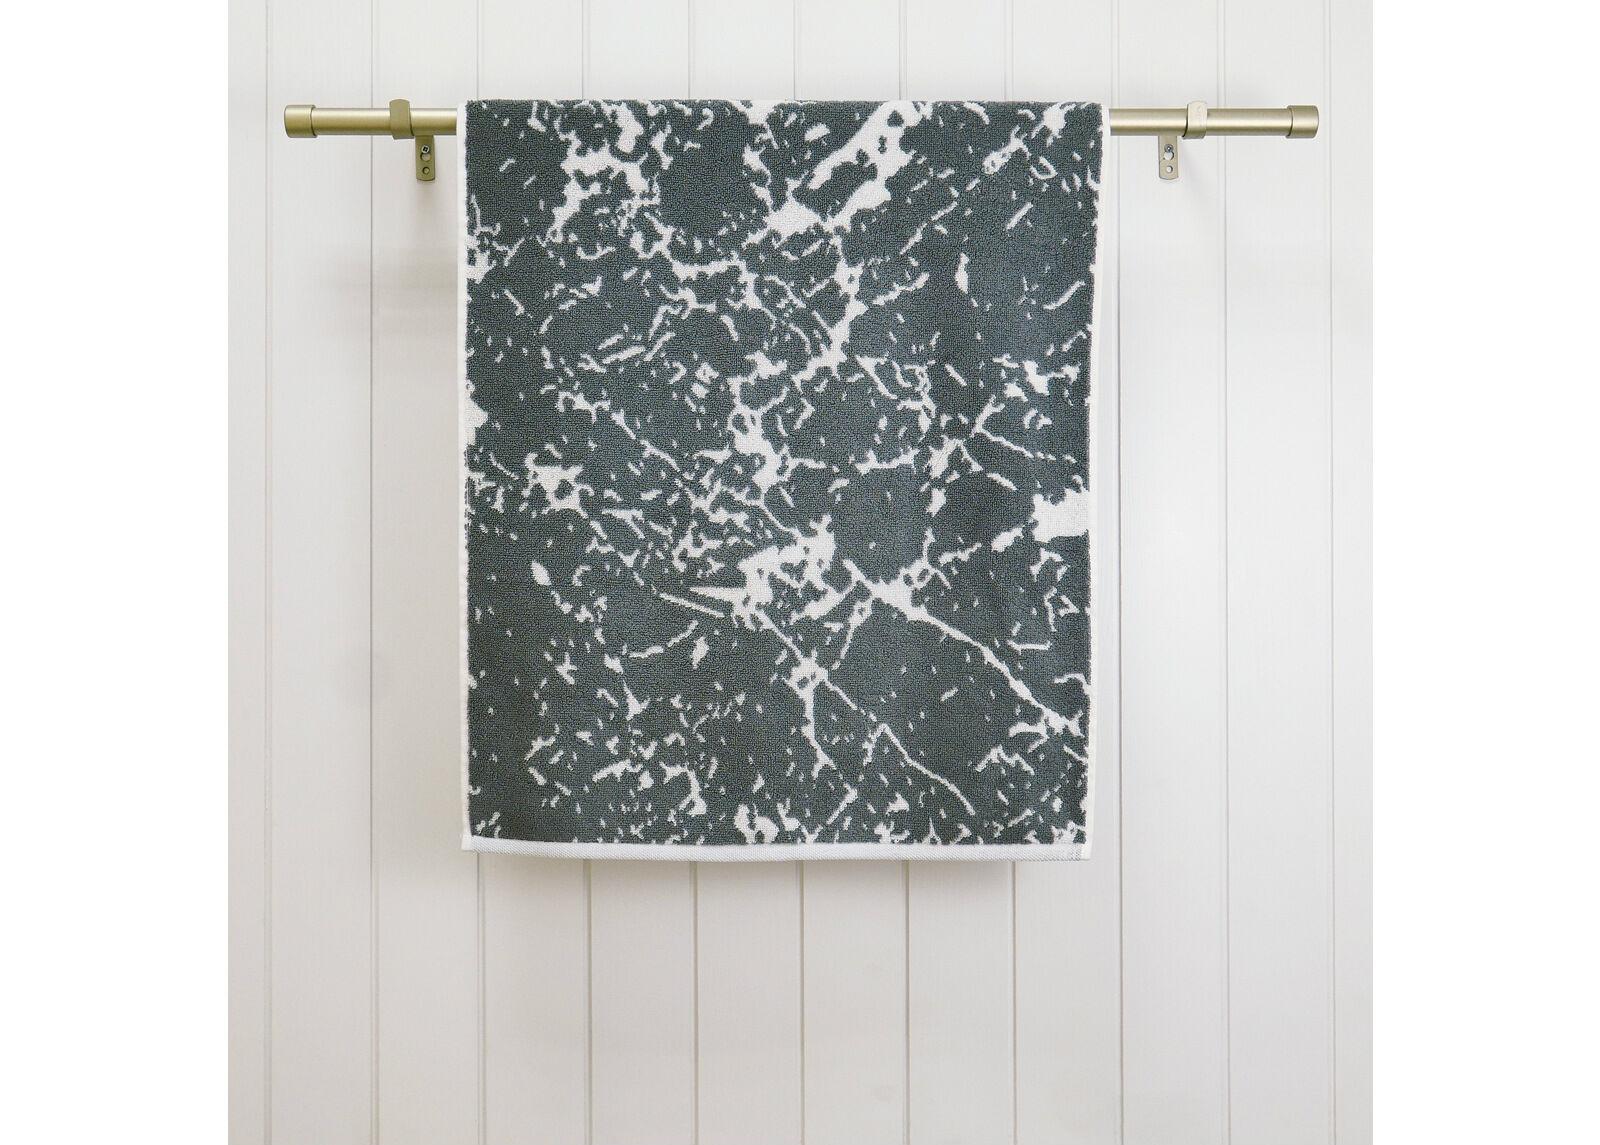 ARDENZA Froteepyyhe Marble, harmaa 70x140 cm